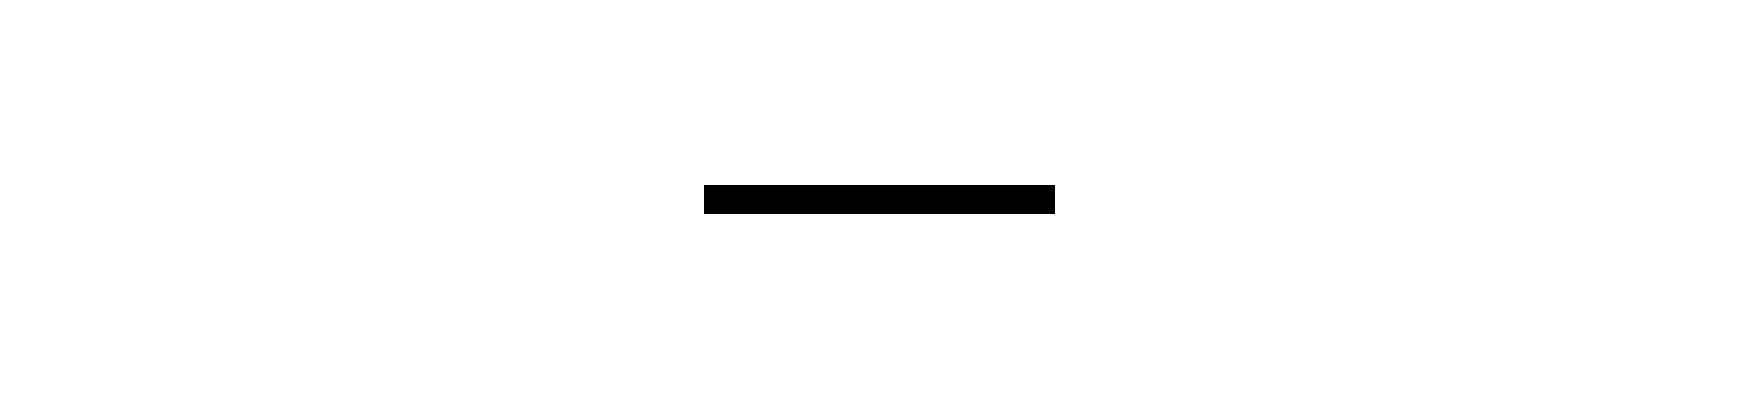 BiltokiRS-copie-30